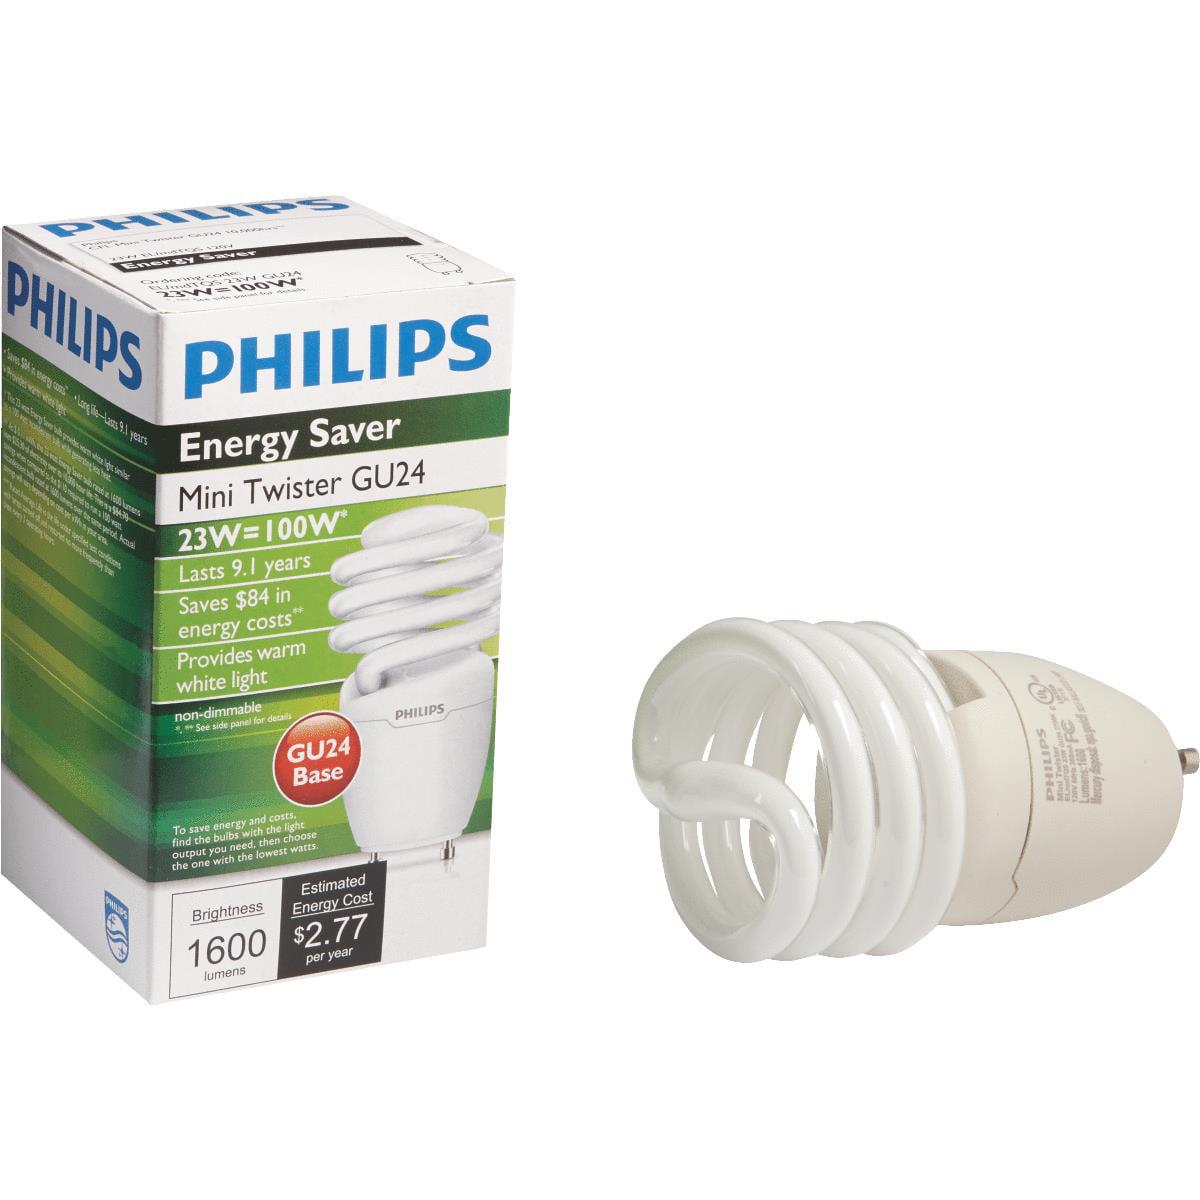 Philips Lighting Co 23w Gu24 Ww Cfl